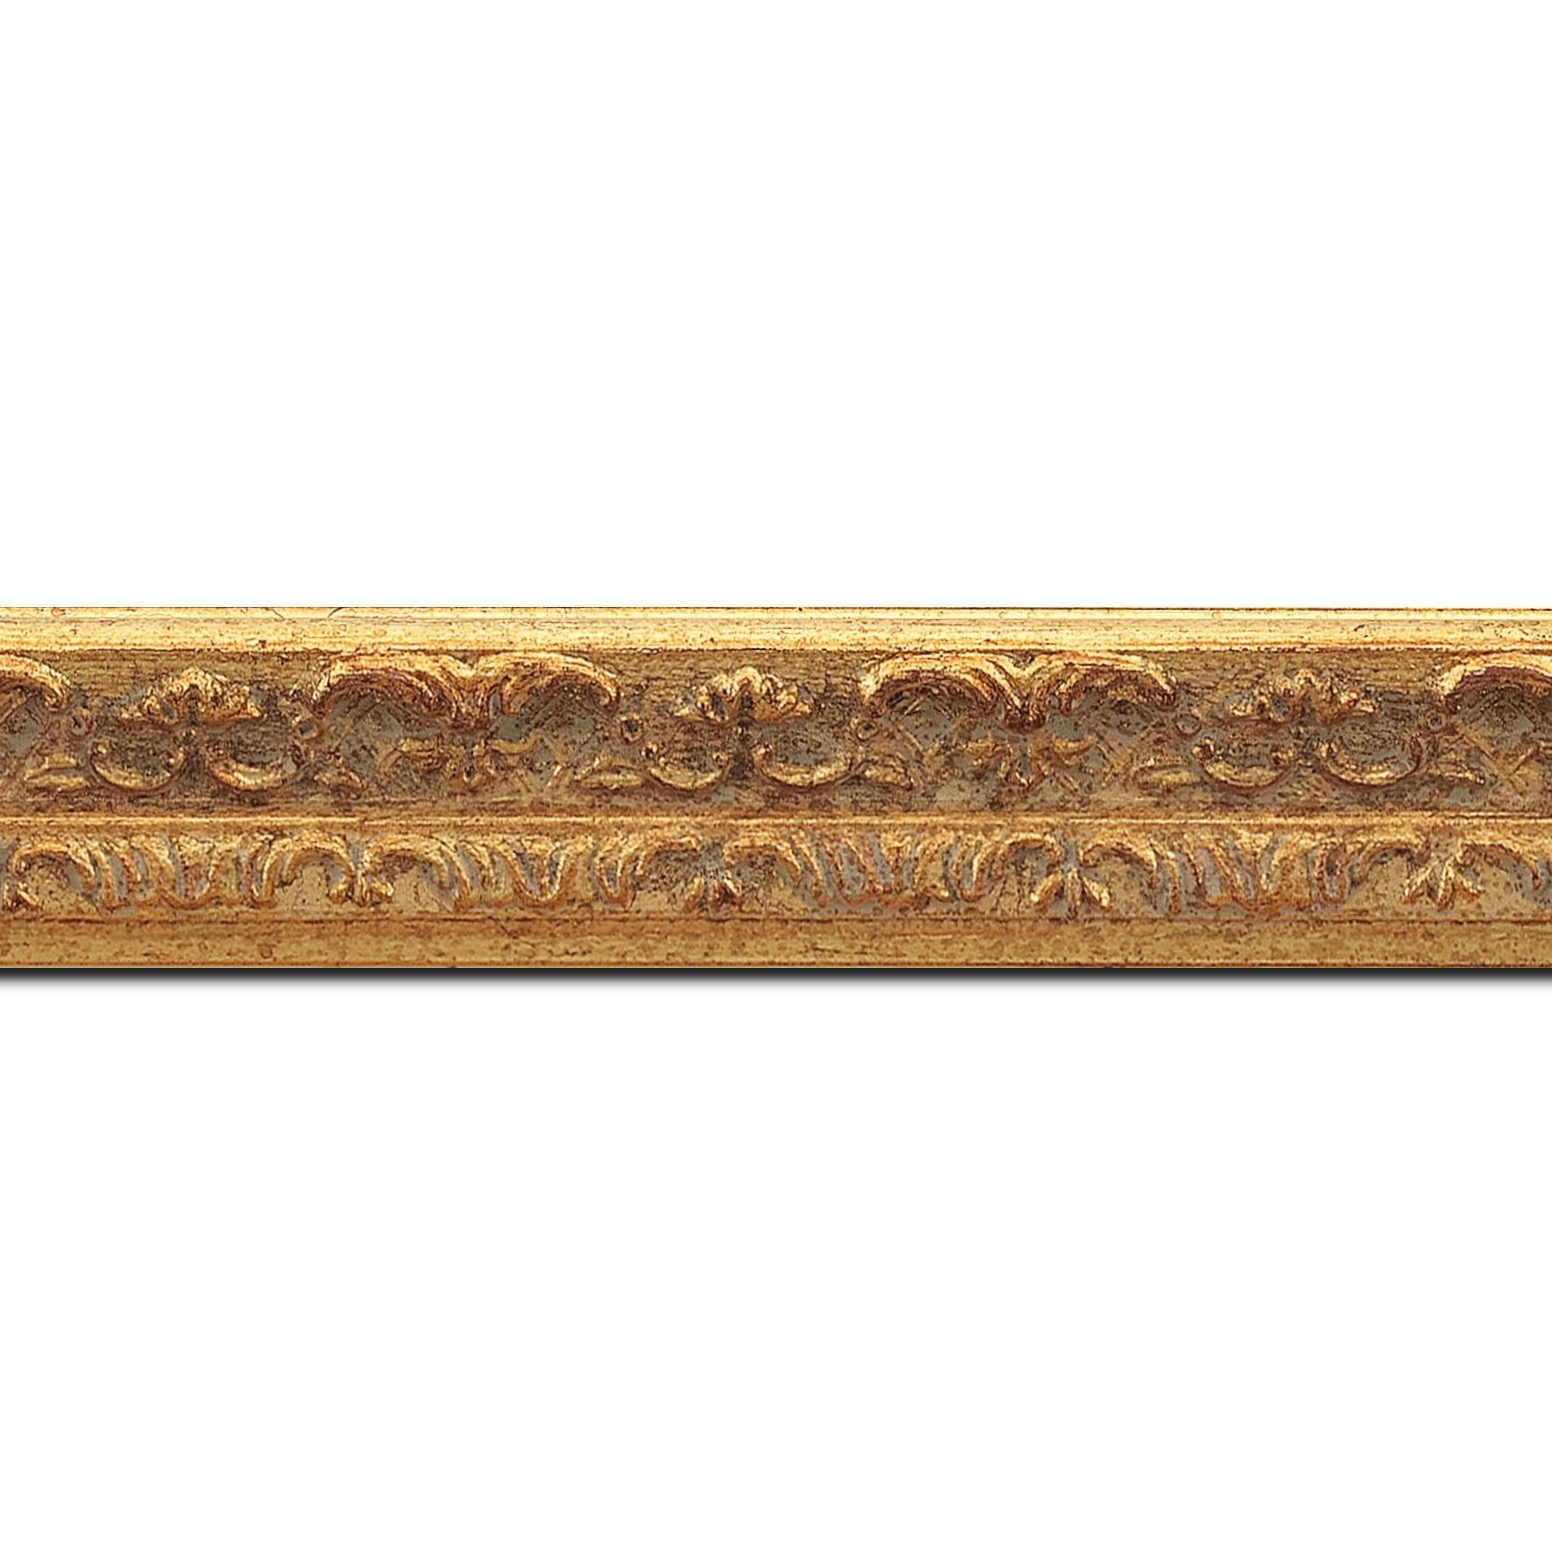 Baguette longueur 1.40m bois profil incurvé largeur 2.8cm or antique à la feuille style